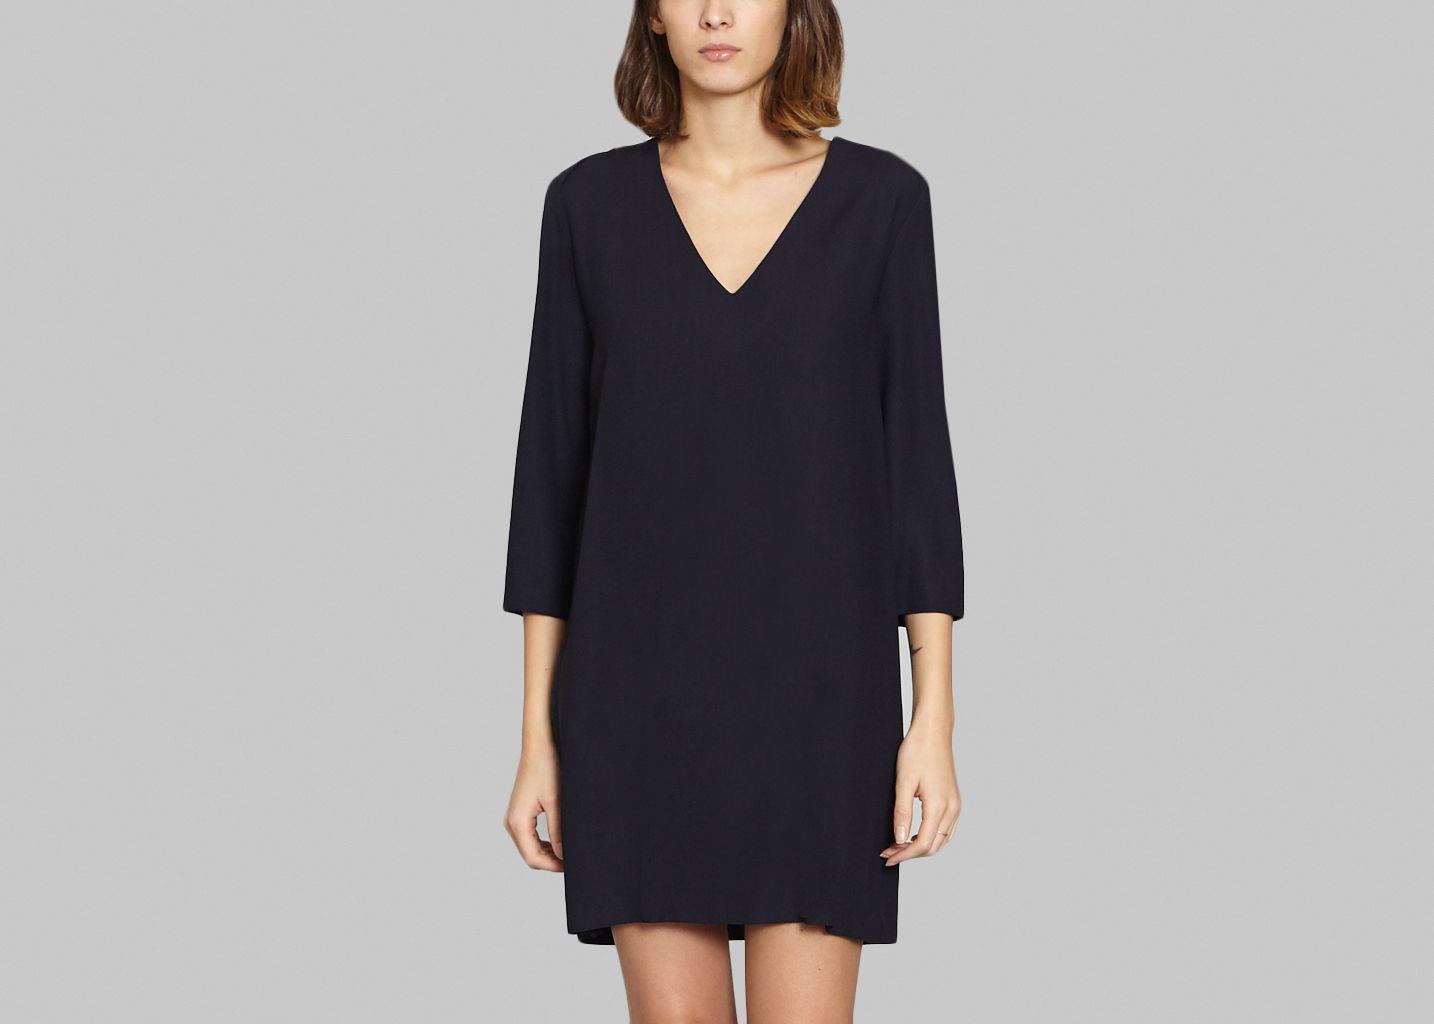 Robe Classique Droite - Tara Jarmon